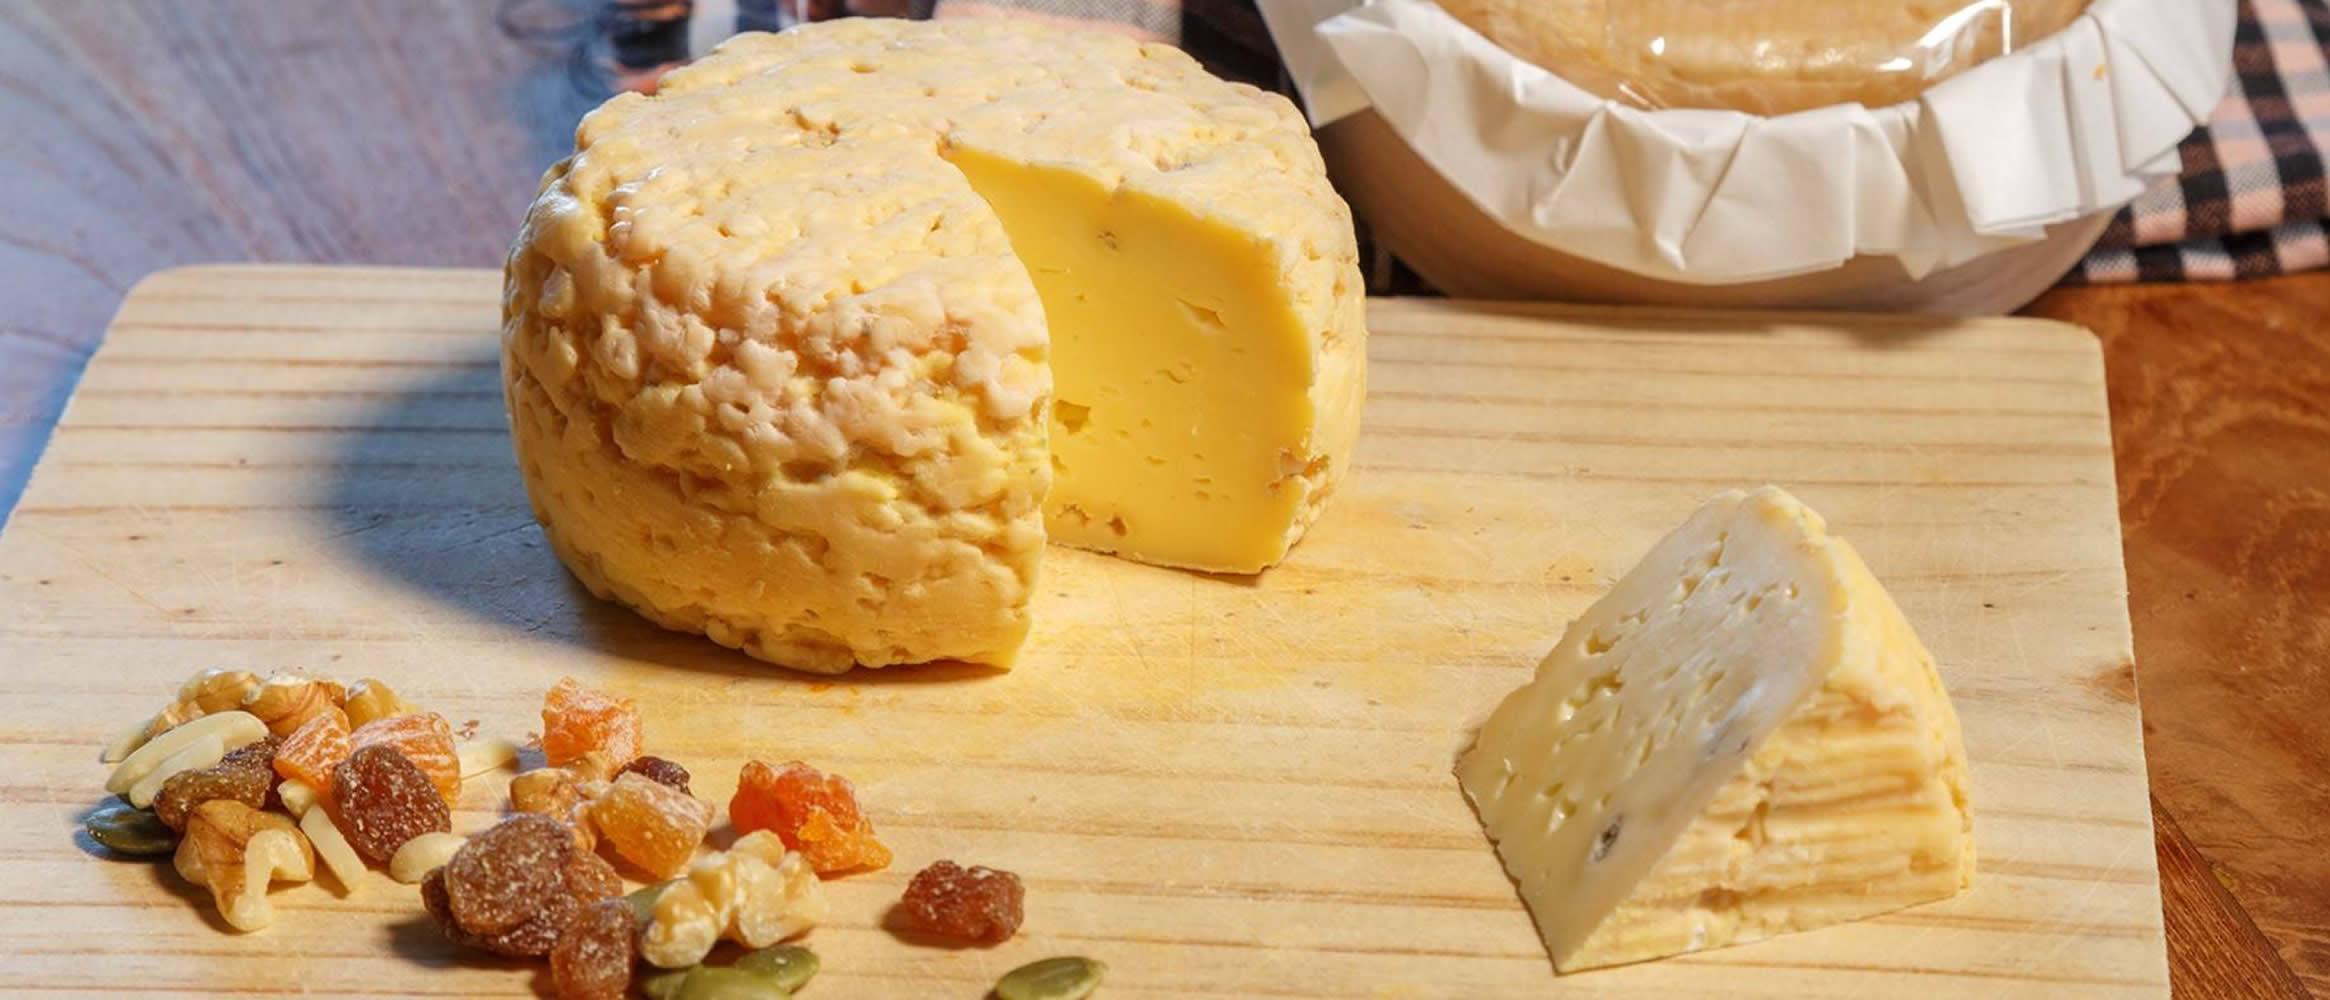 Cala Blanc halbweicher Kuhmilch Käse aus Menorca